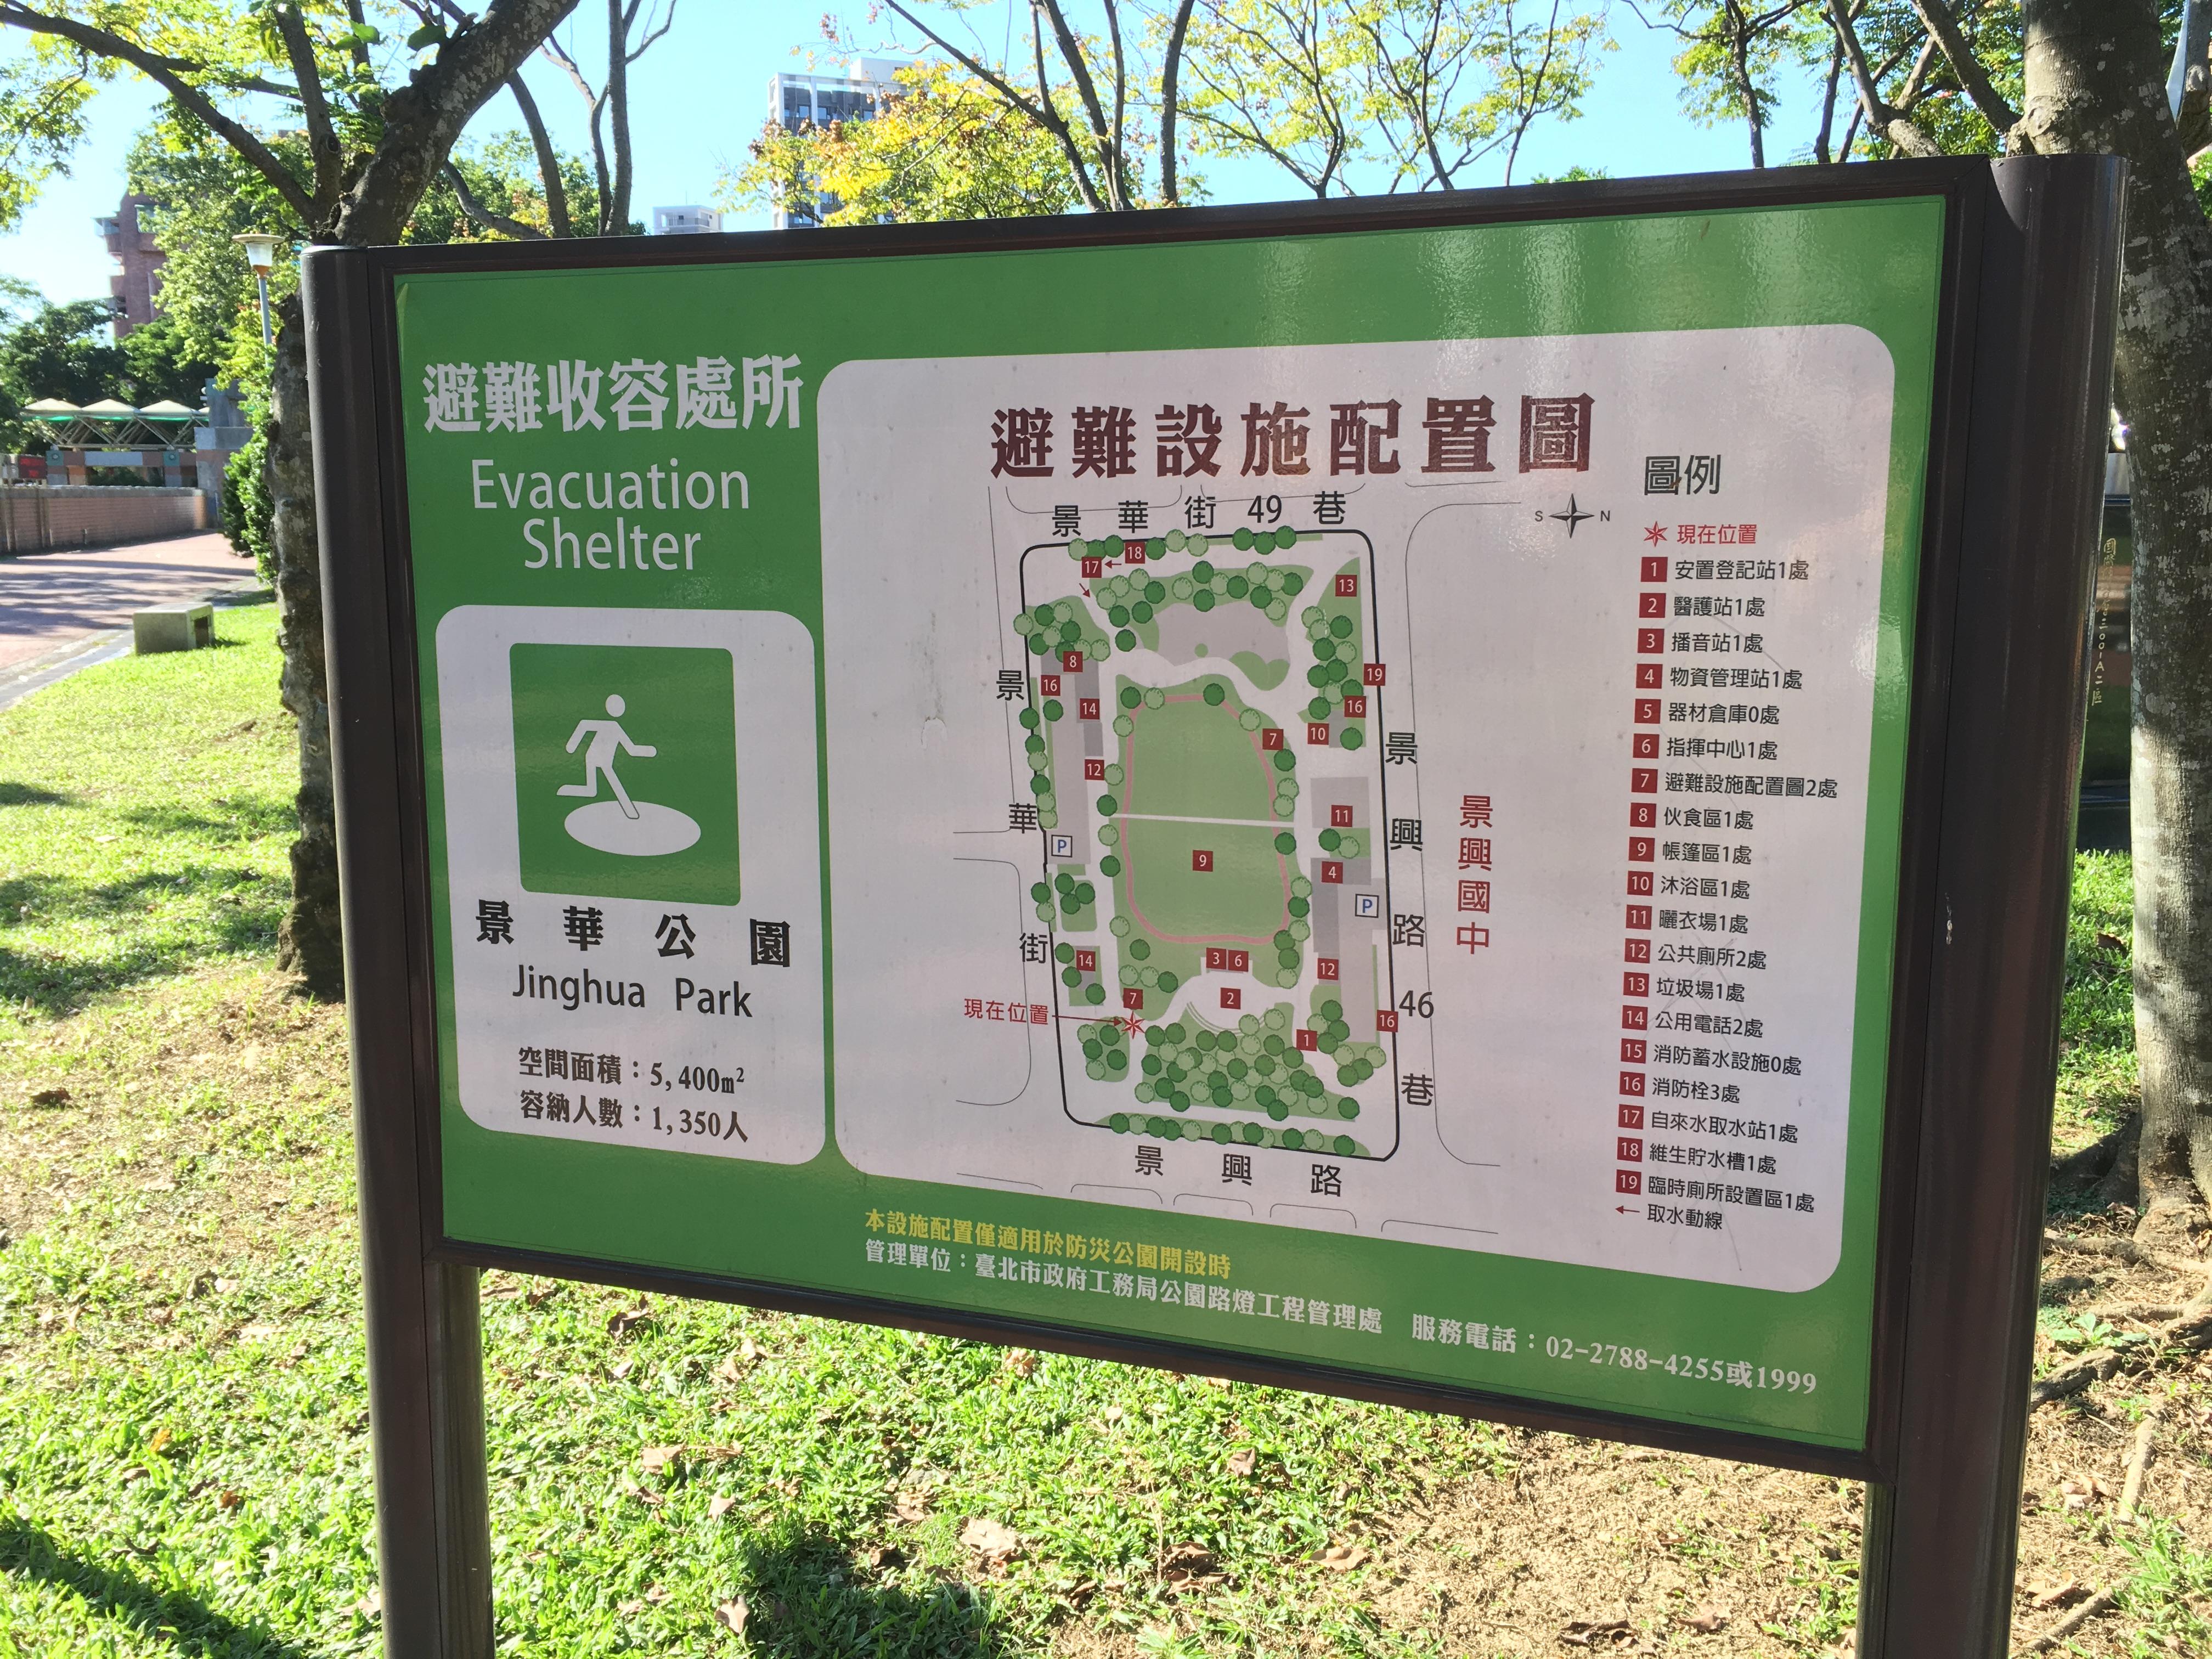 景華公園標示牌清楚告示防災功能一旦啟用區公所資源將如何分配。攝影/羅紹齊